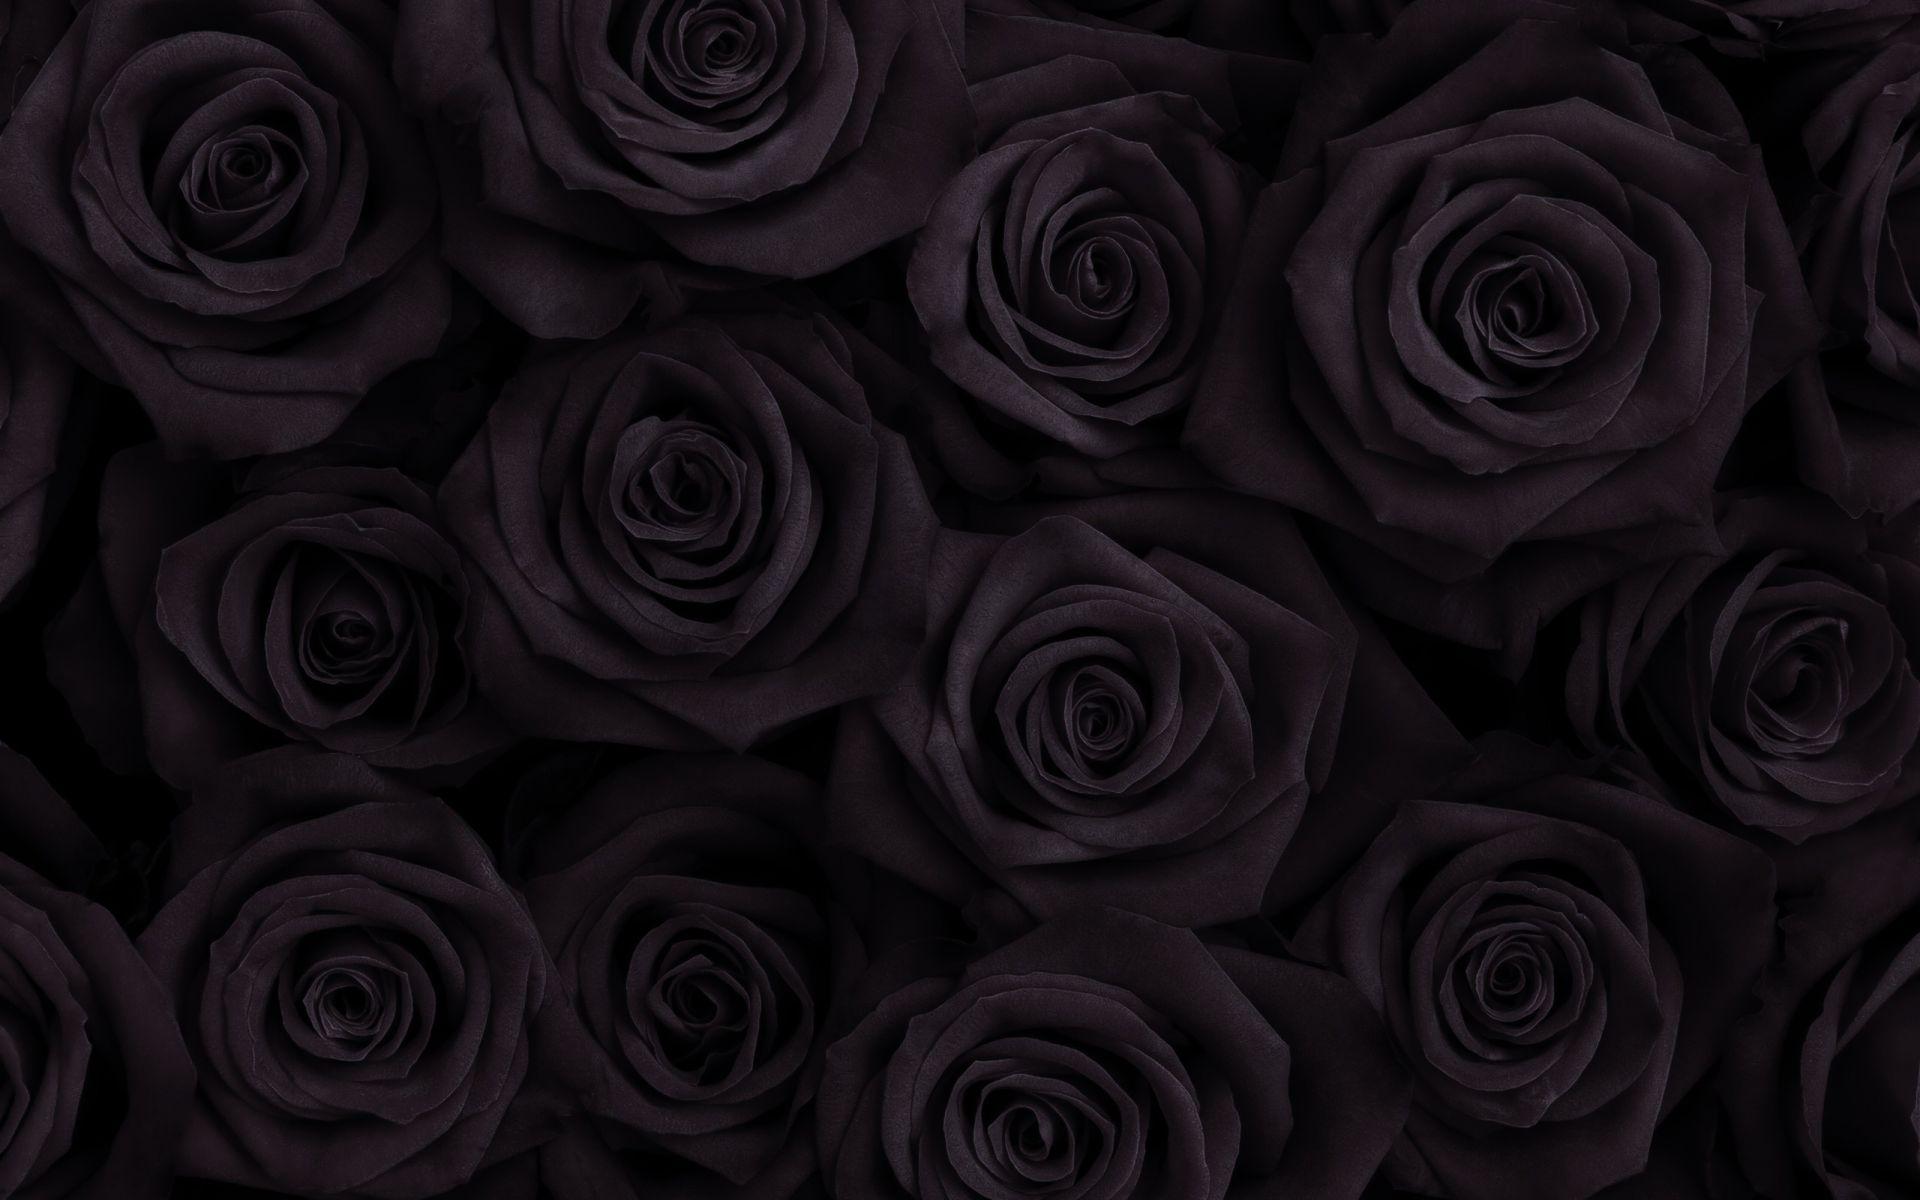 Hình những bông hồng đen xếp sát nhau